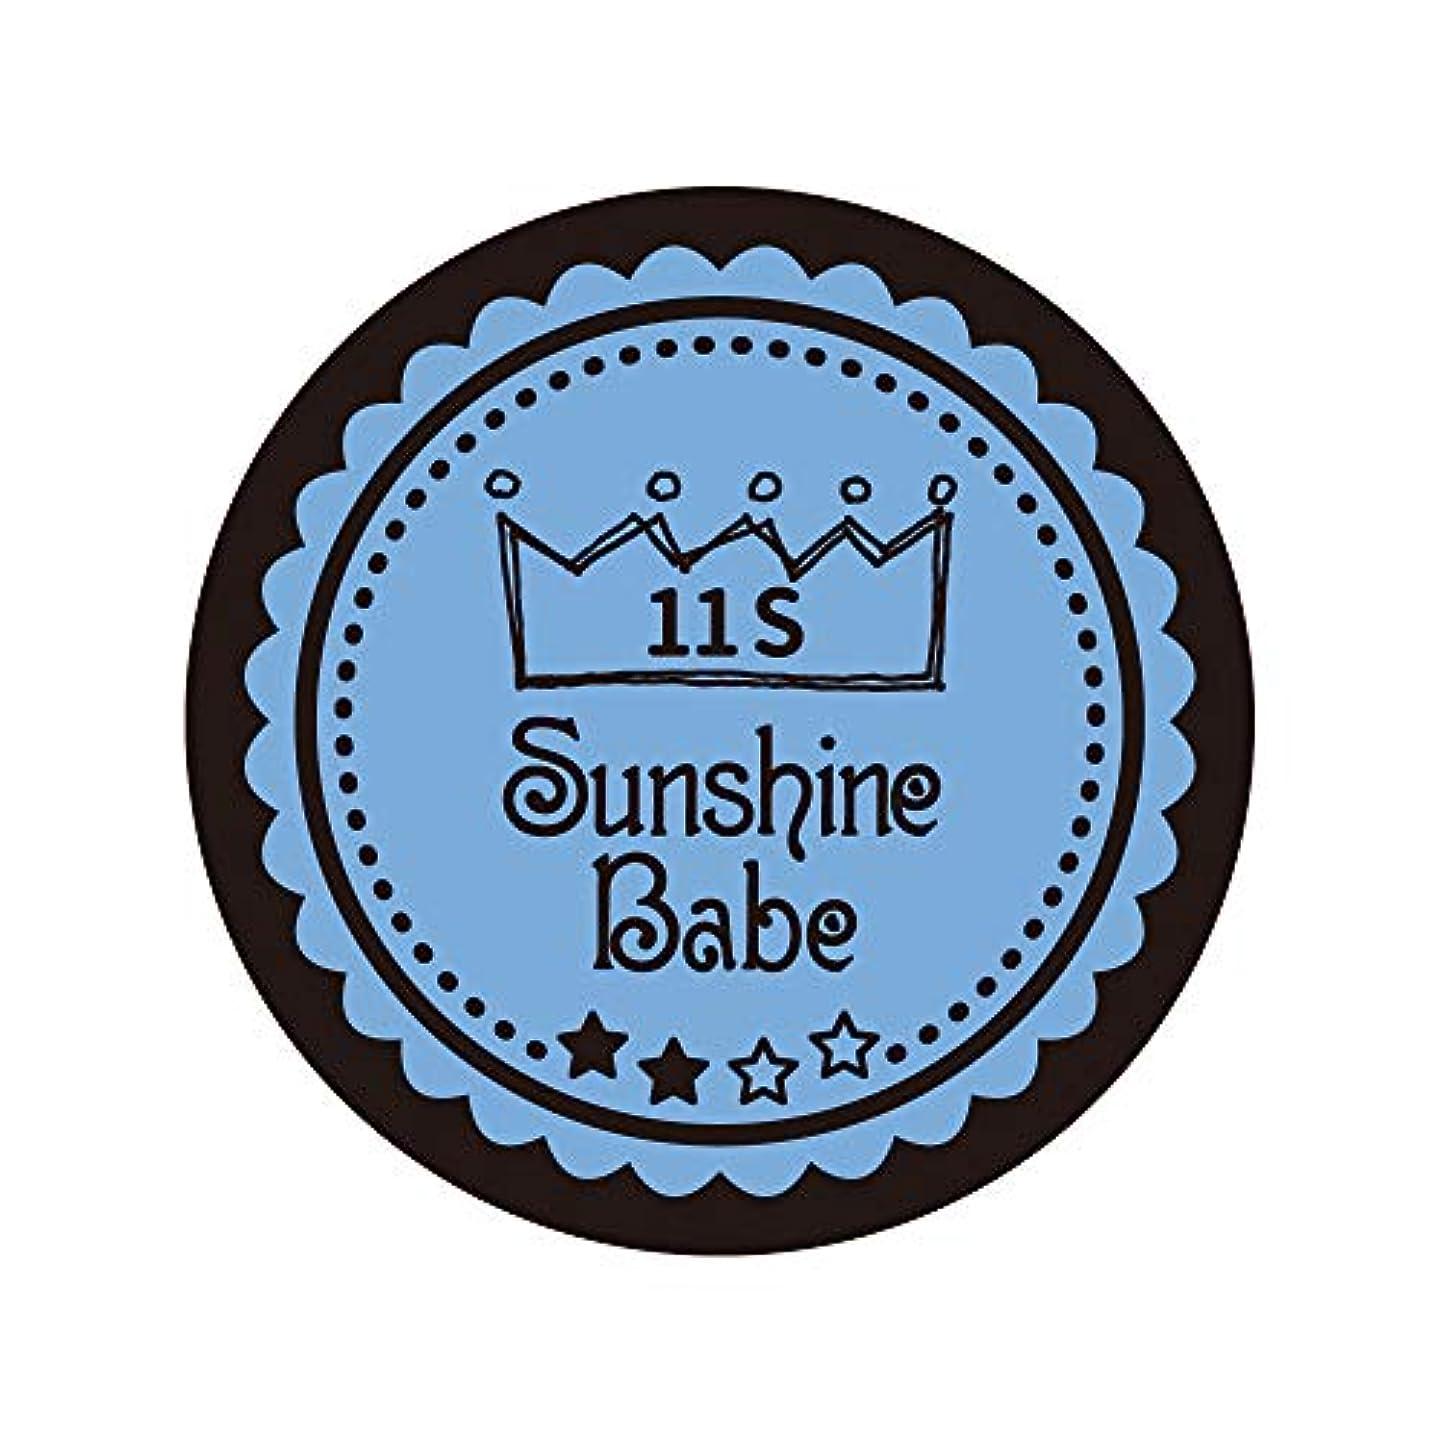 ぶどうストレス極めて重要なSunshine Babe カラージェル 11S リトルボーイブルー 2.7g UV/LED対応